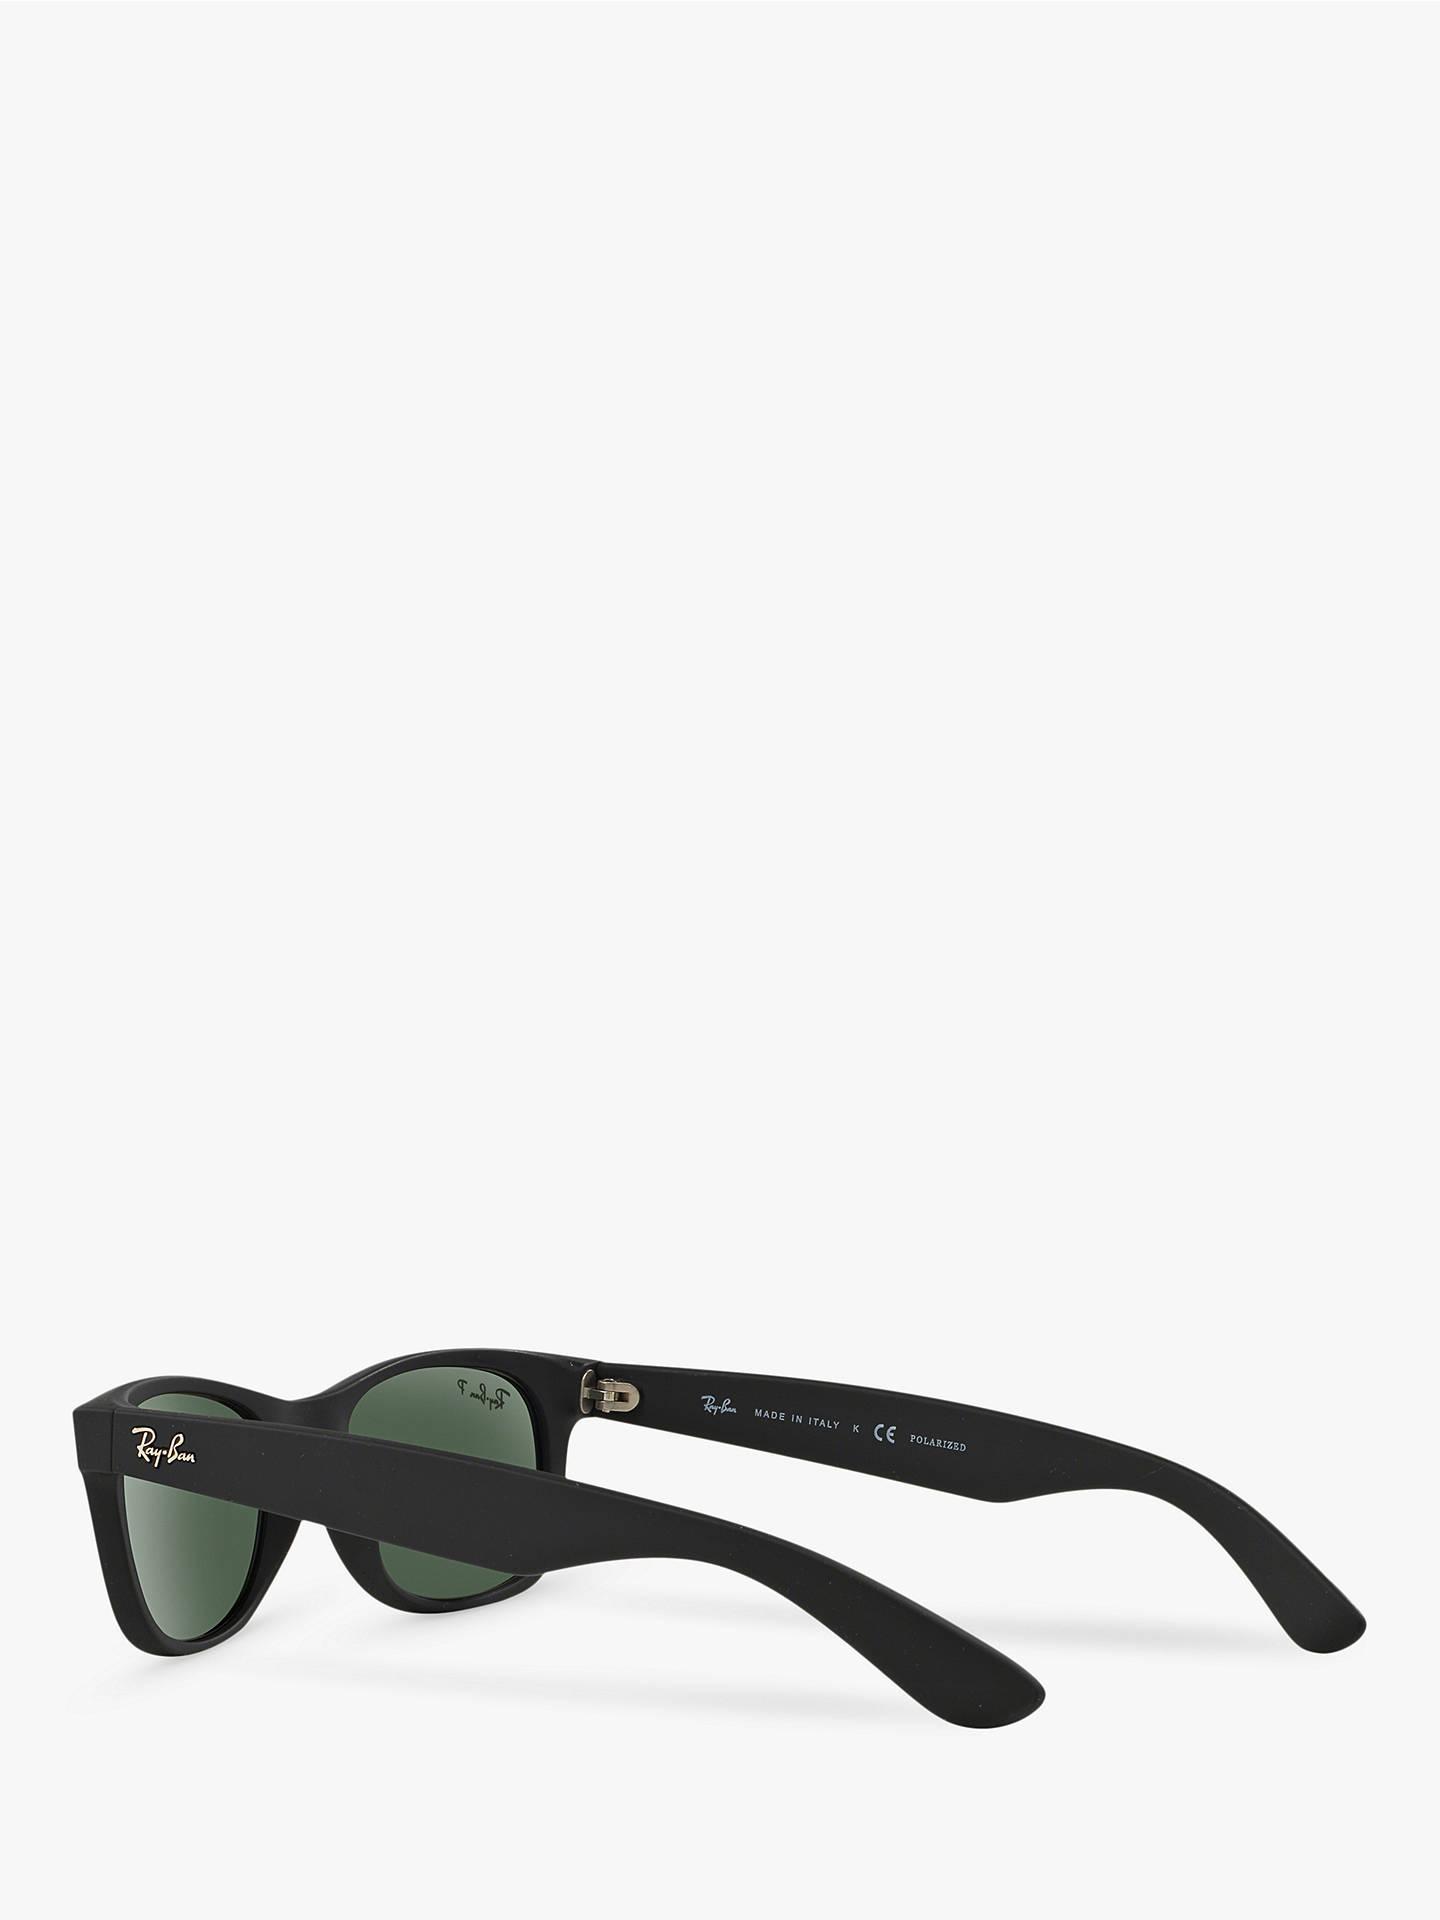 9af853dce3 ... BuyRay-Ban RB2132 Men s New Wayfarer Polarised Sunglasses